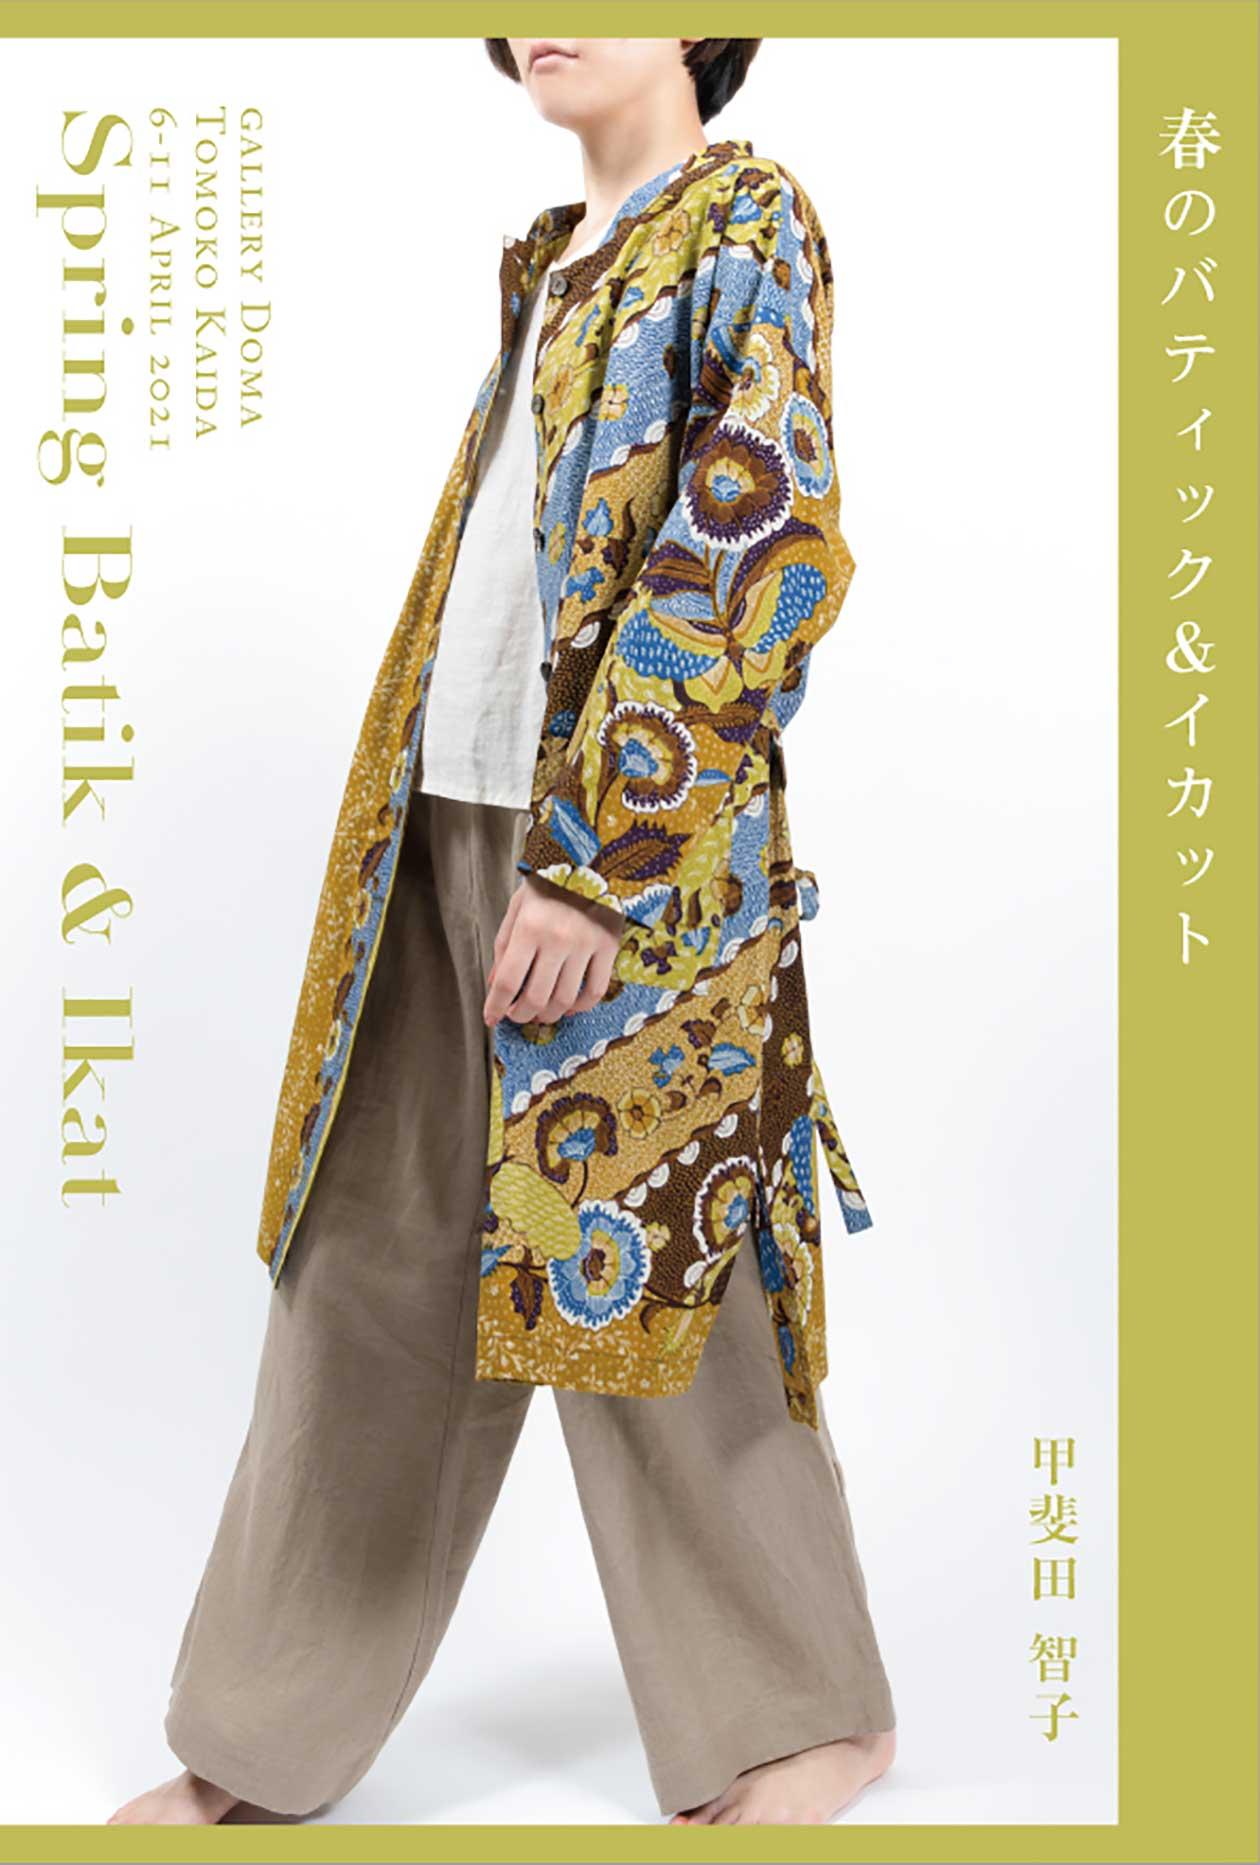 春のバティック&イカット in gallery Doma 東京都・練馬区